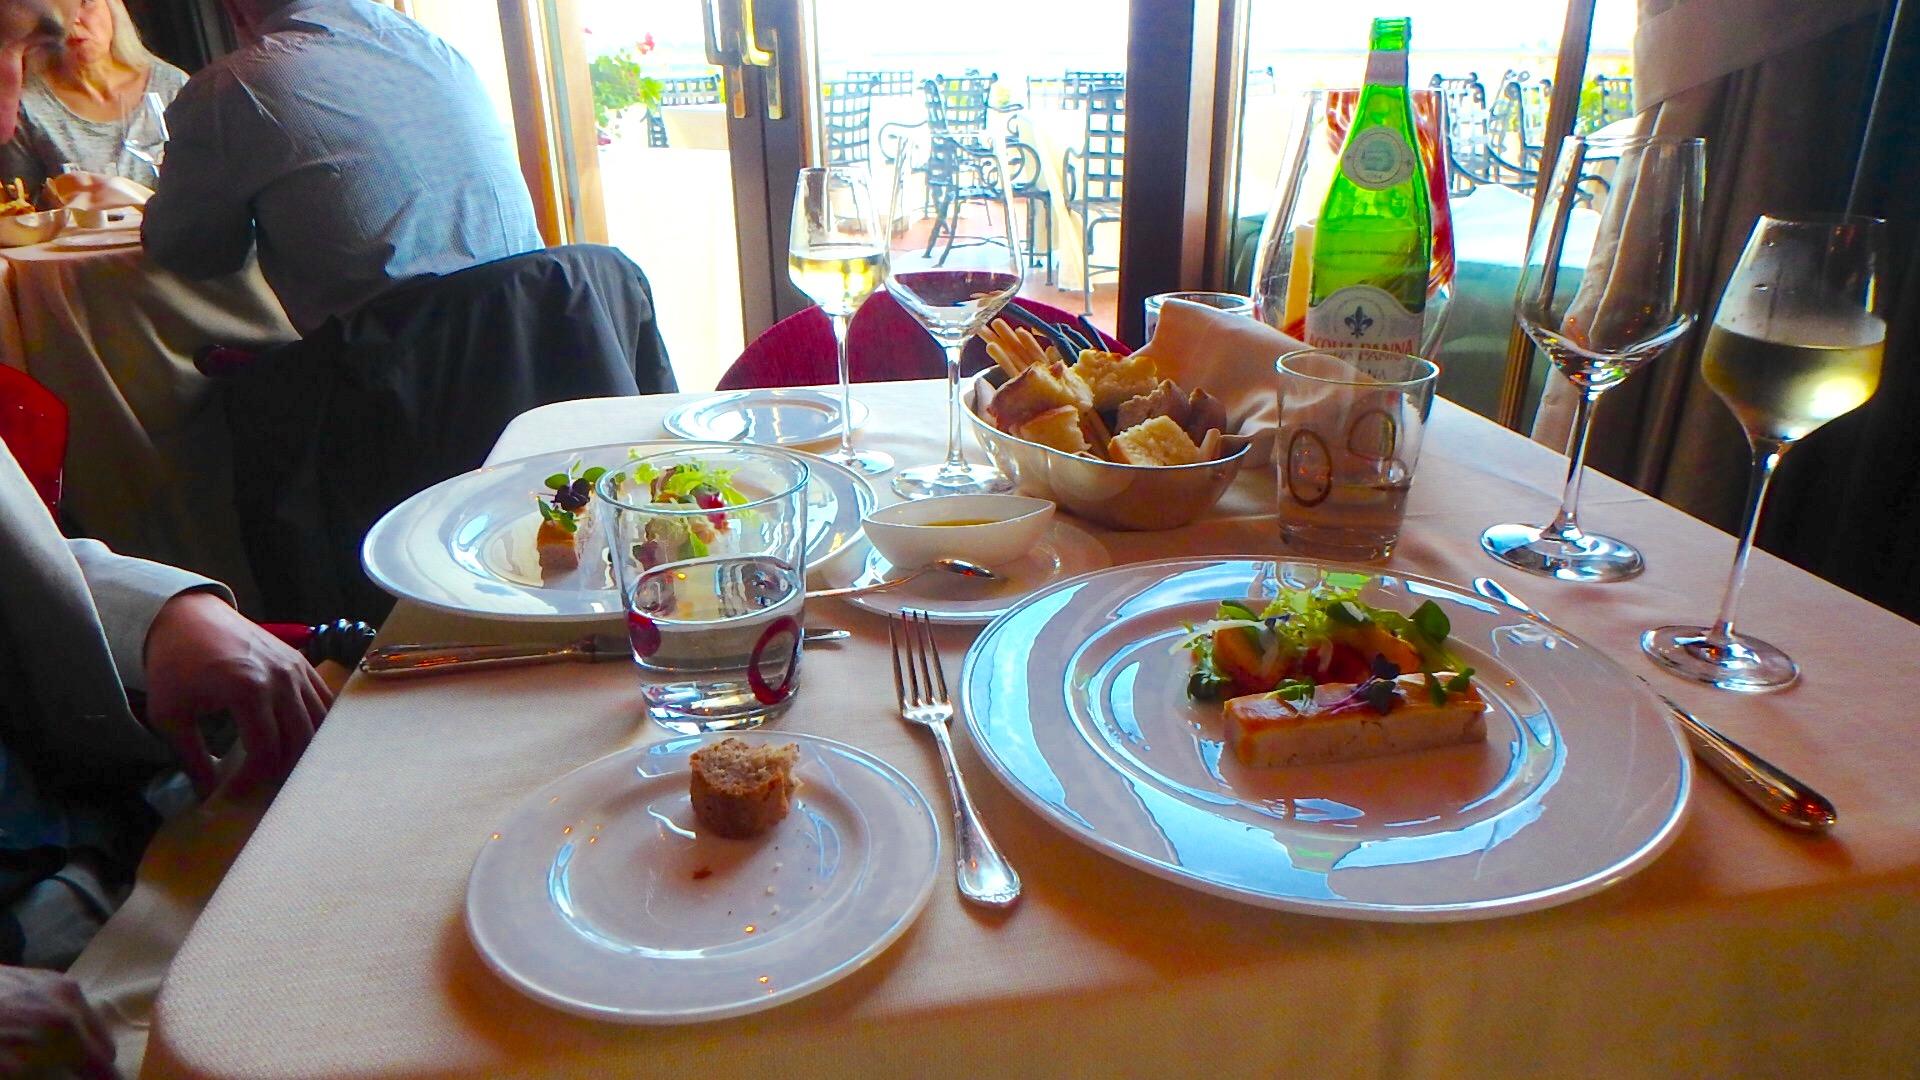 ベネチア5つ星レストラン「Danieli」